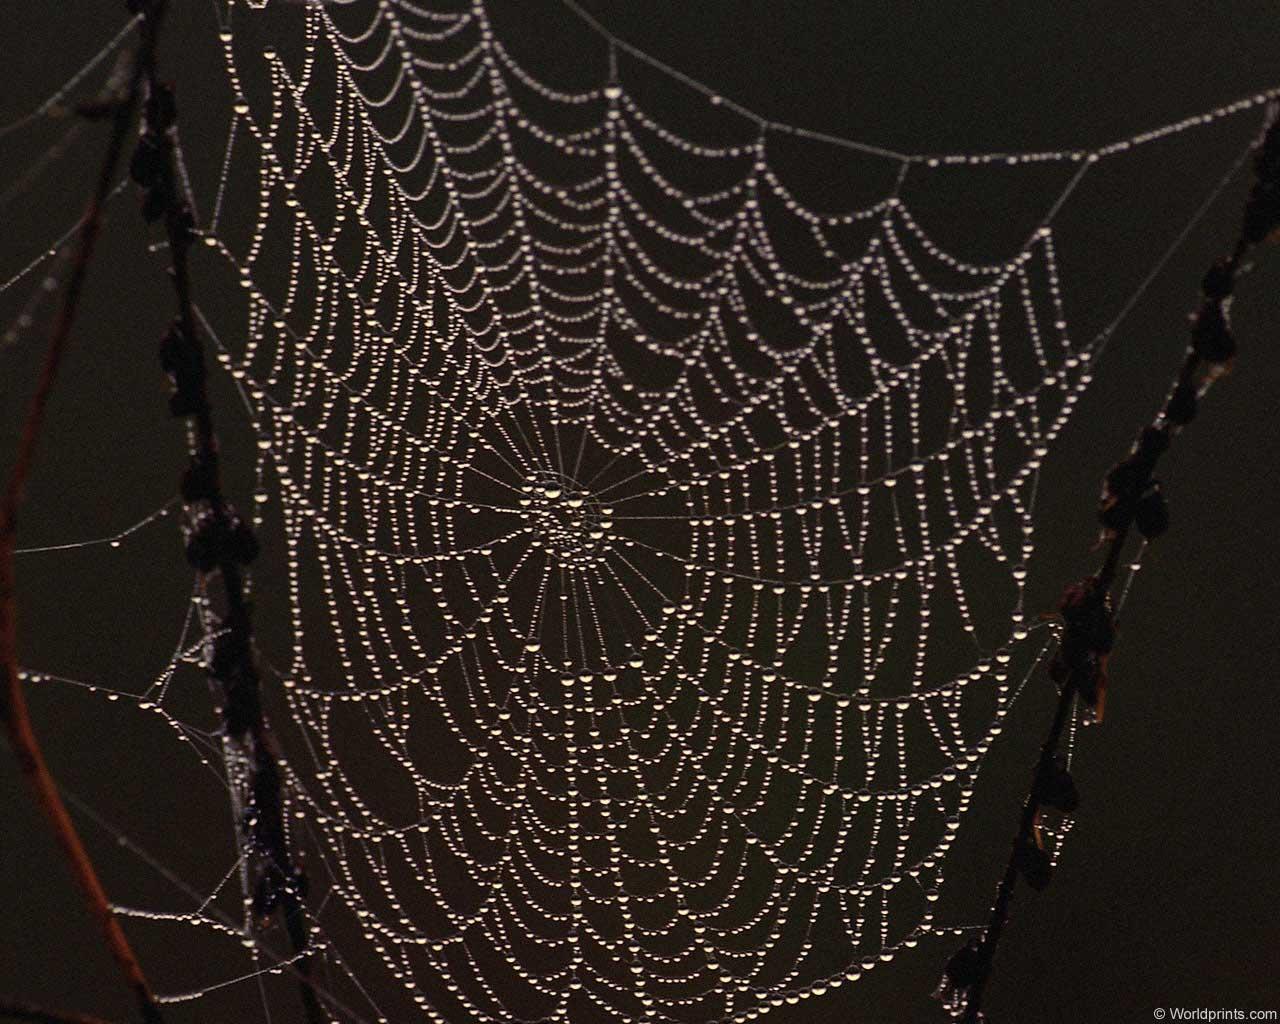 spider web 1280x1024